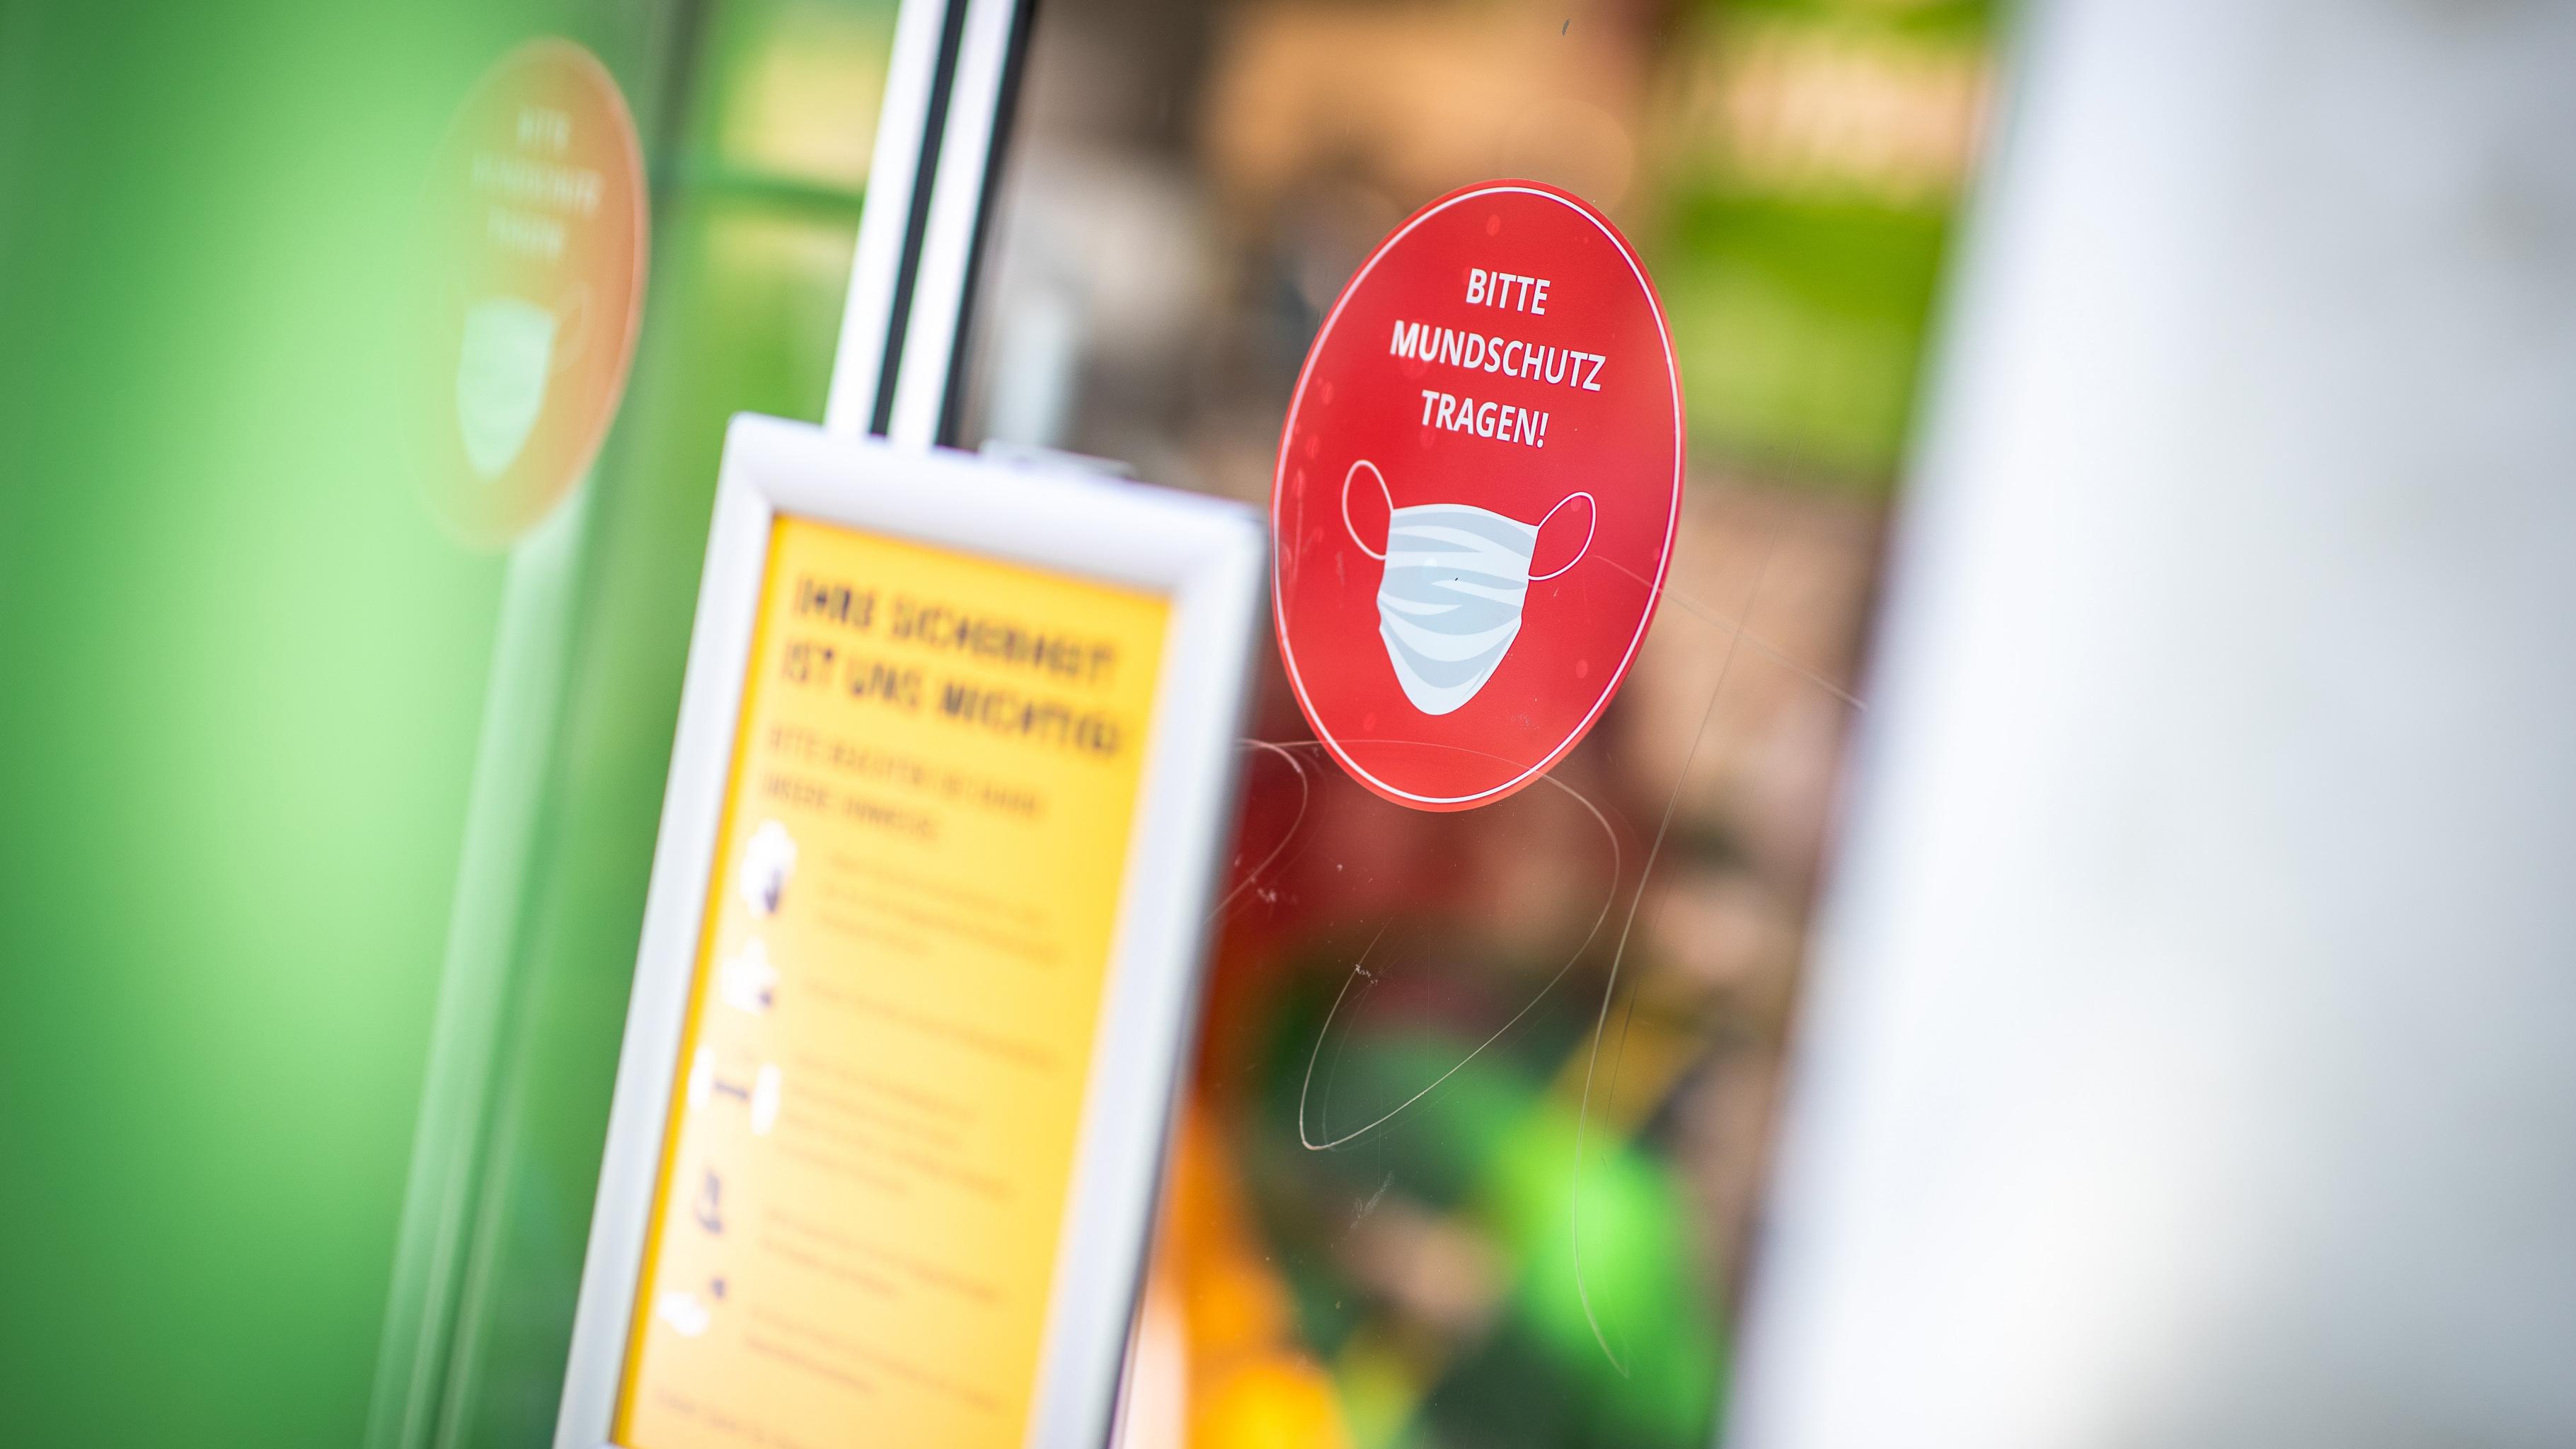 Mundschutz-Aufkleber an Eingangstür eines Oxfam Shops